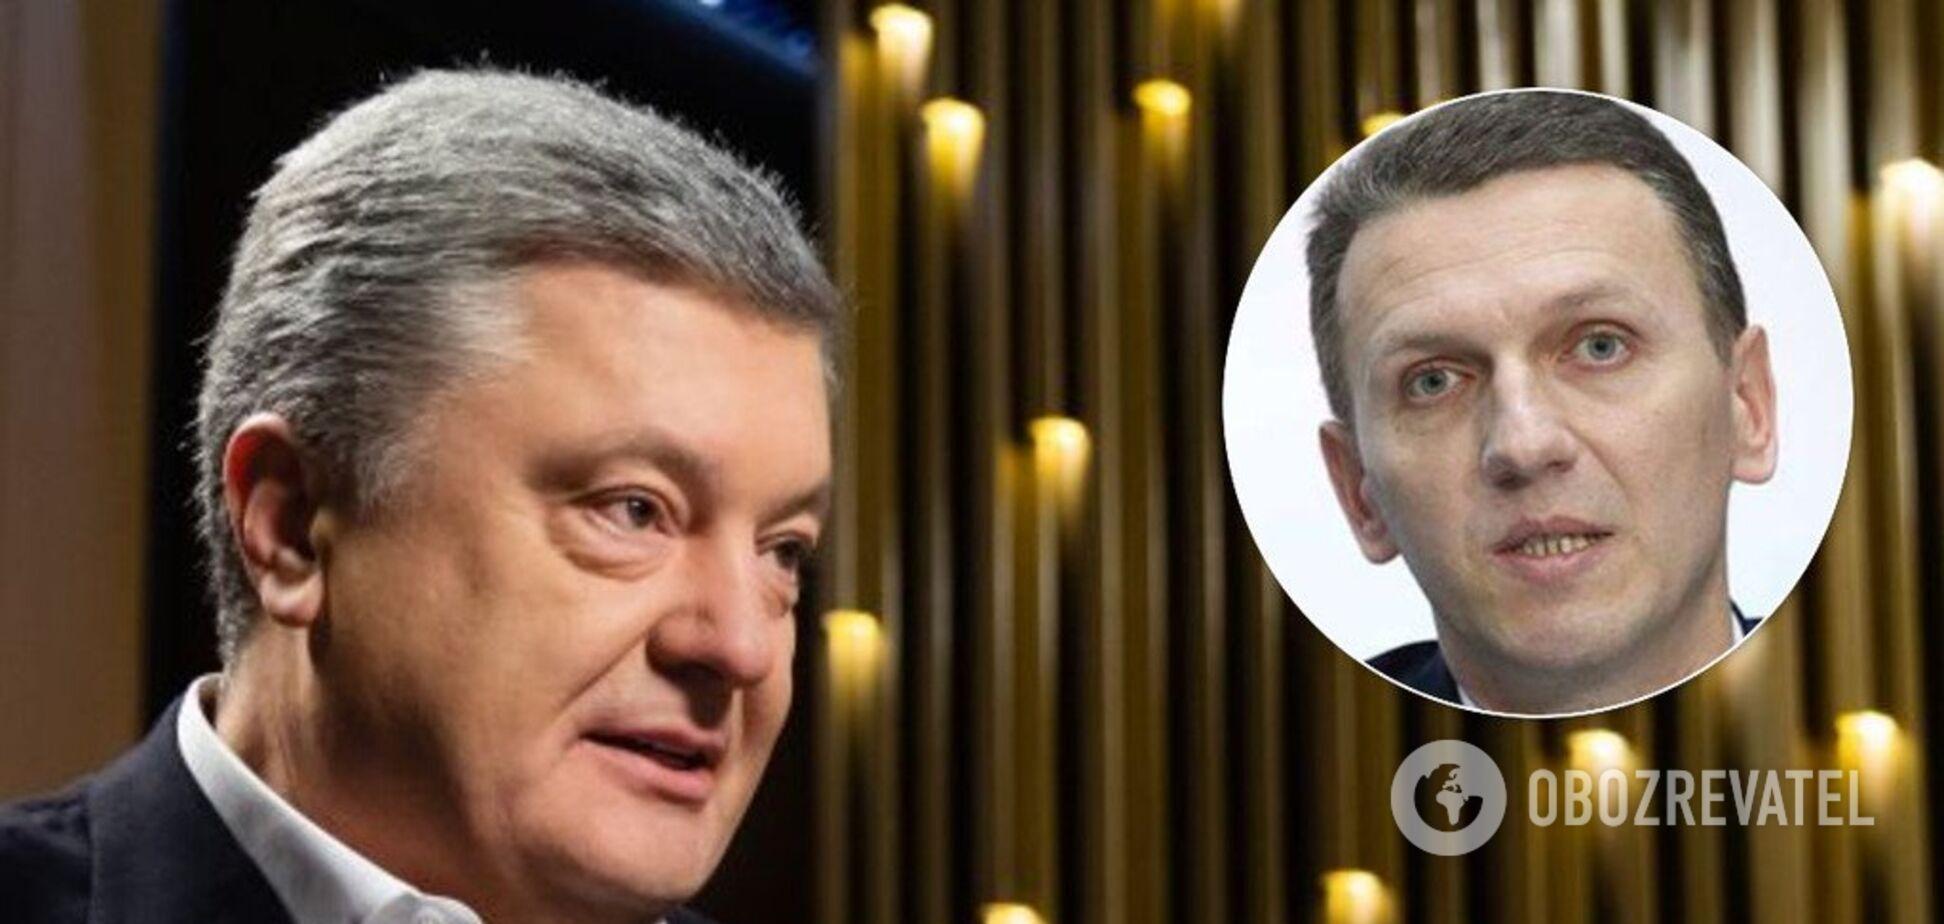 Прослушка Трубы: Порошенко заявил, что экс-глава ГБР понесет наказание за преступления